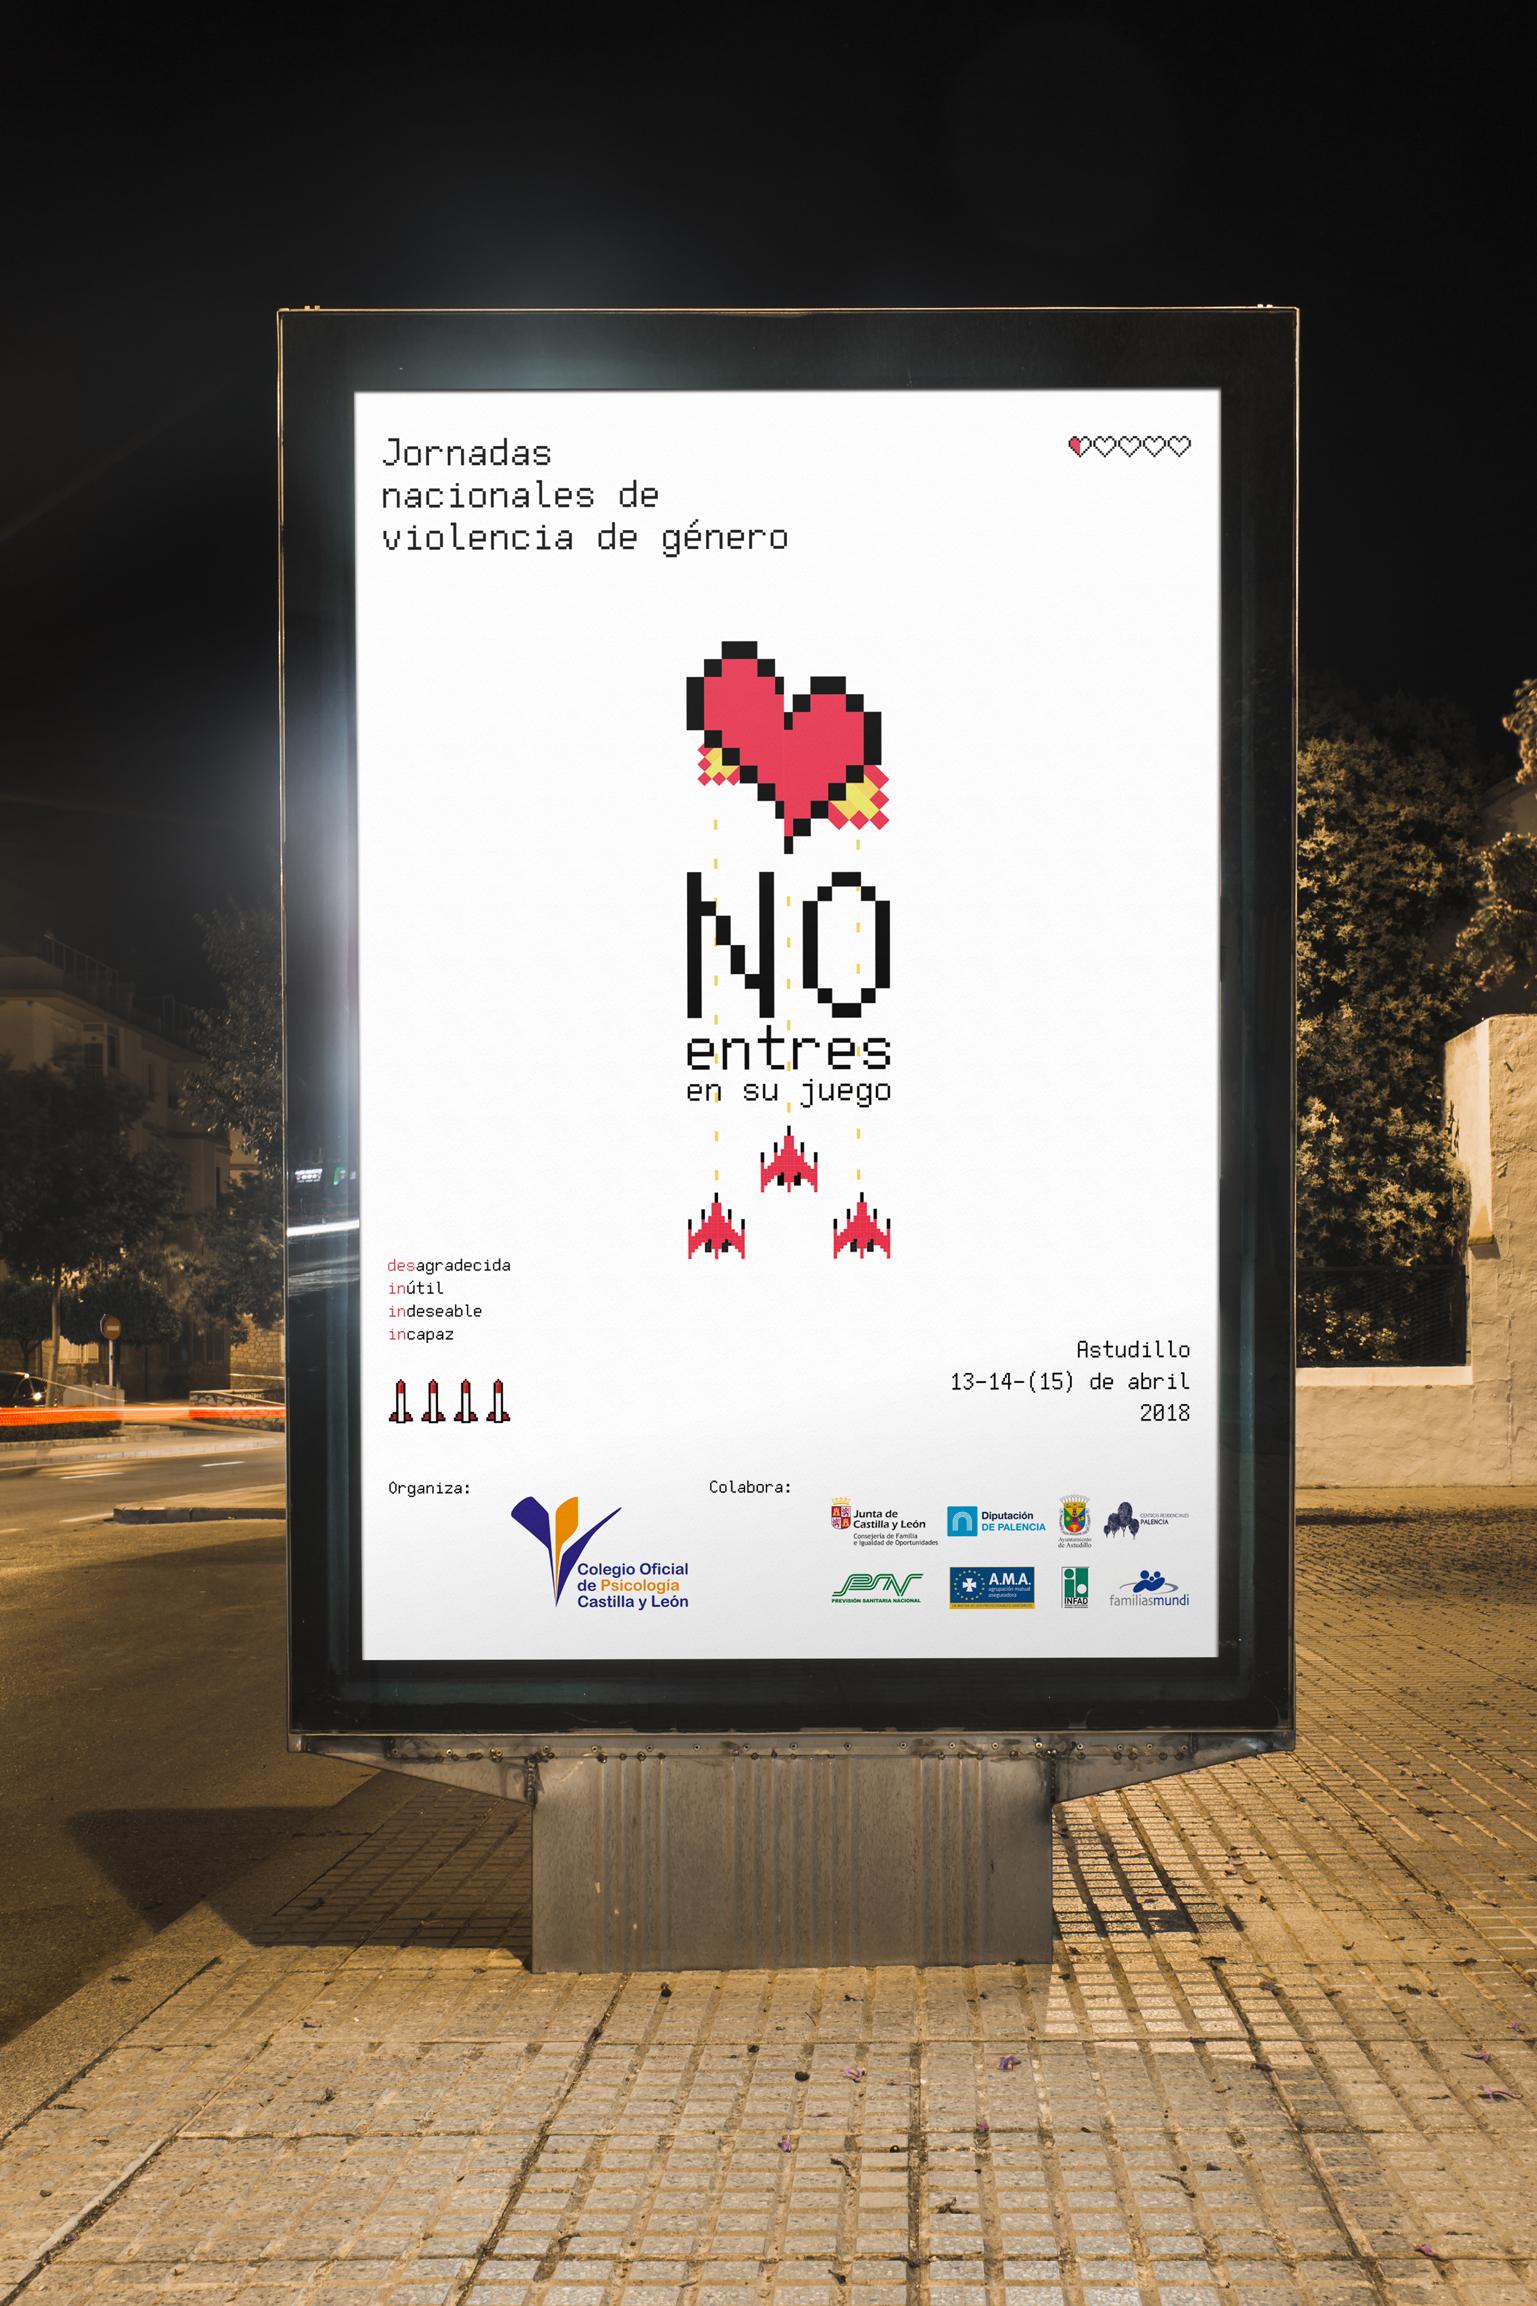 diseno_jornadas_nacionales_violencia_genero-6